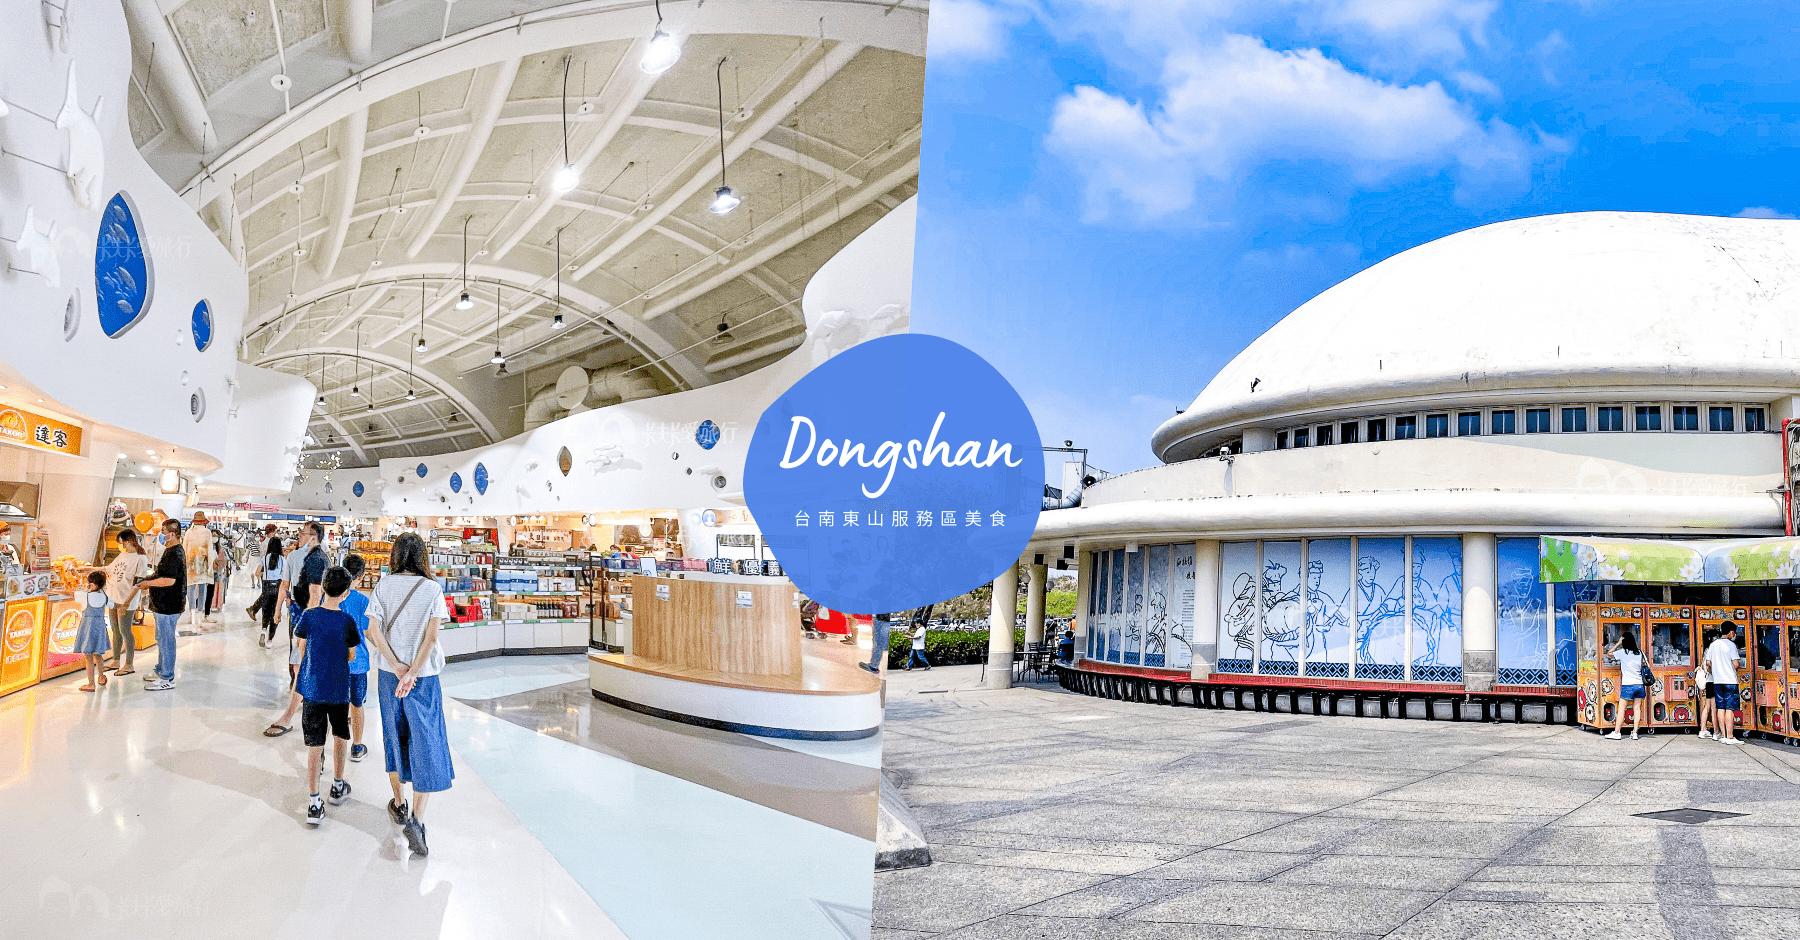 台南東山服務區美食景點推薦!超像機場航廈、超美海底隧道休息站|星巴克摩斯漢堡加油站都有